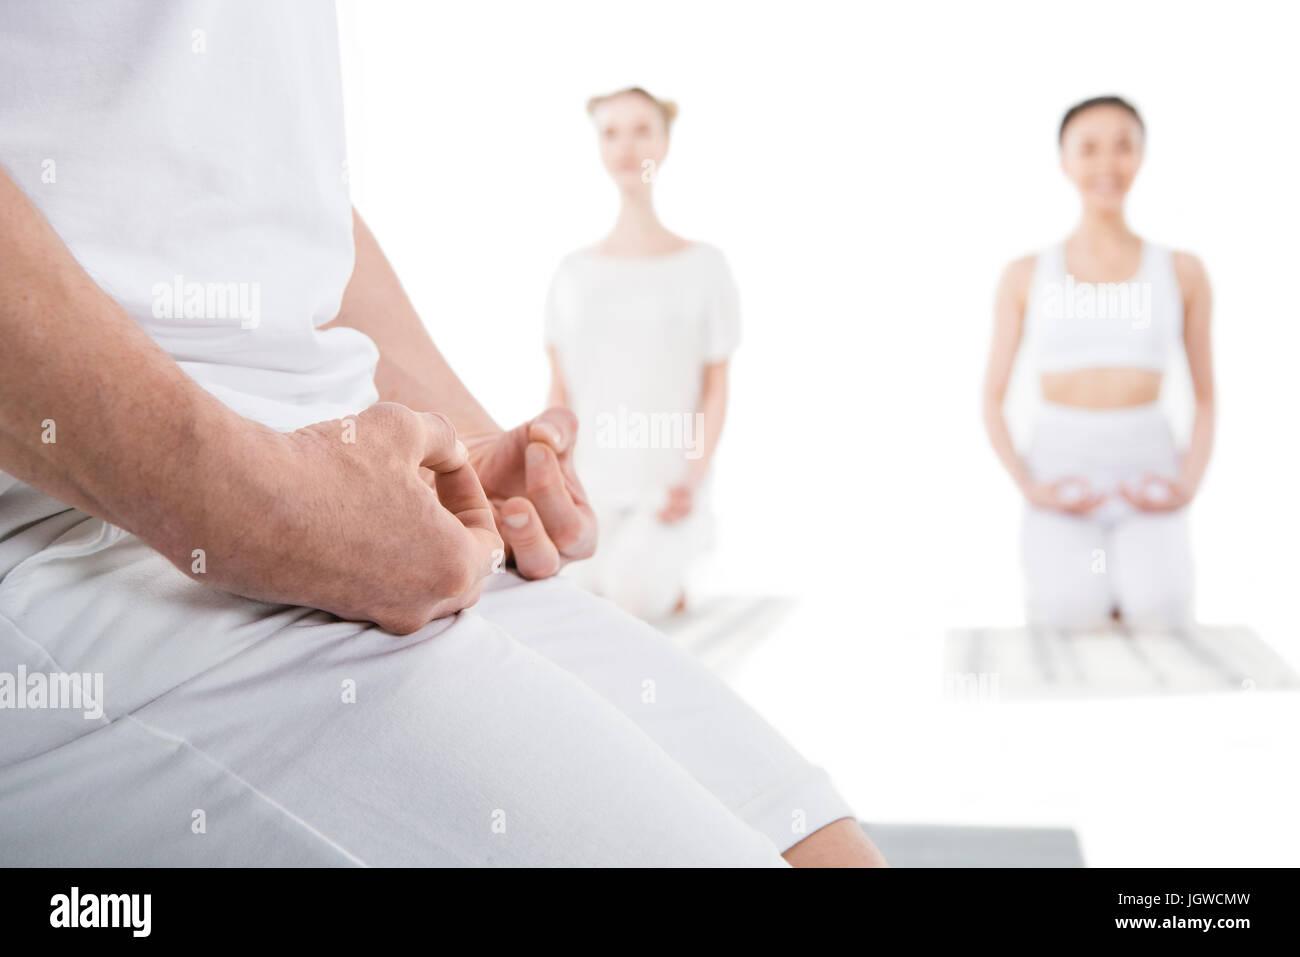 Zugeschnittenen Schuss von Menschen meditieren auf Yoga-Matten mit Mudra-Geste isoliert auf weiss Stockbild